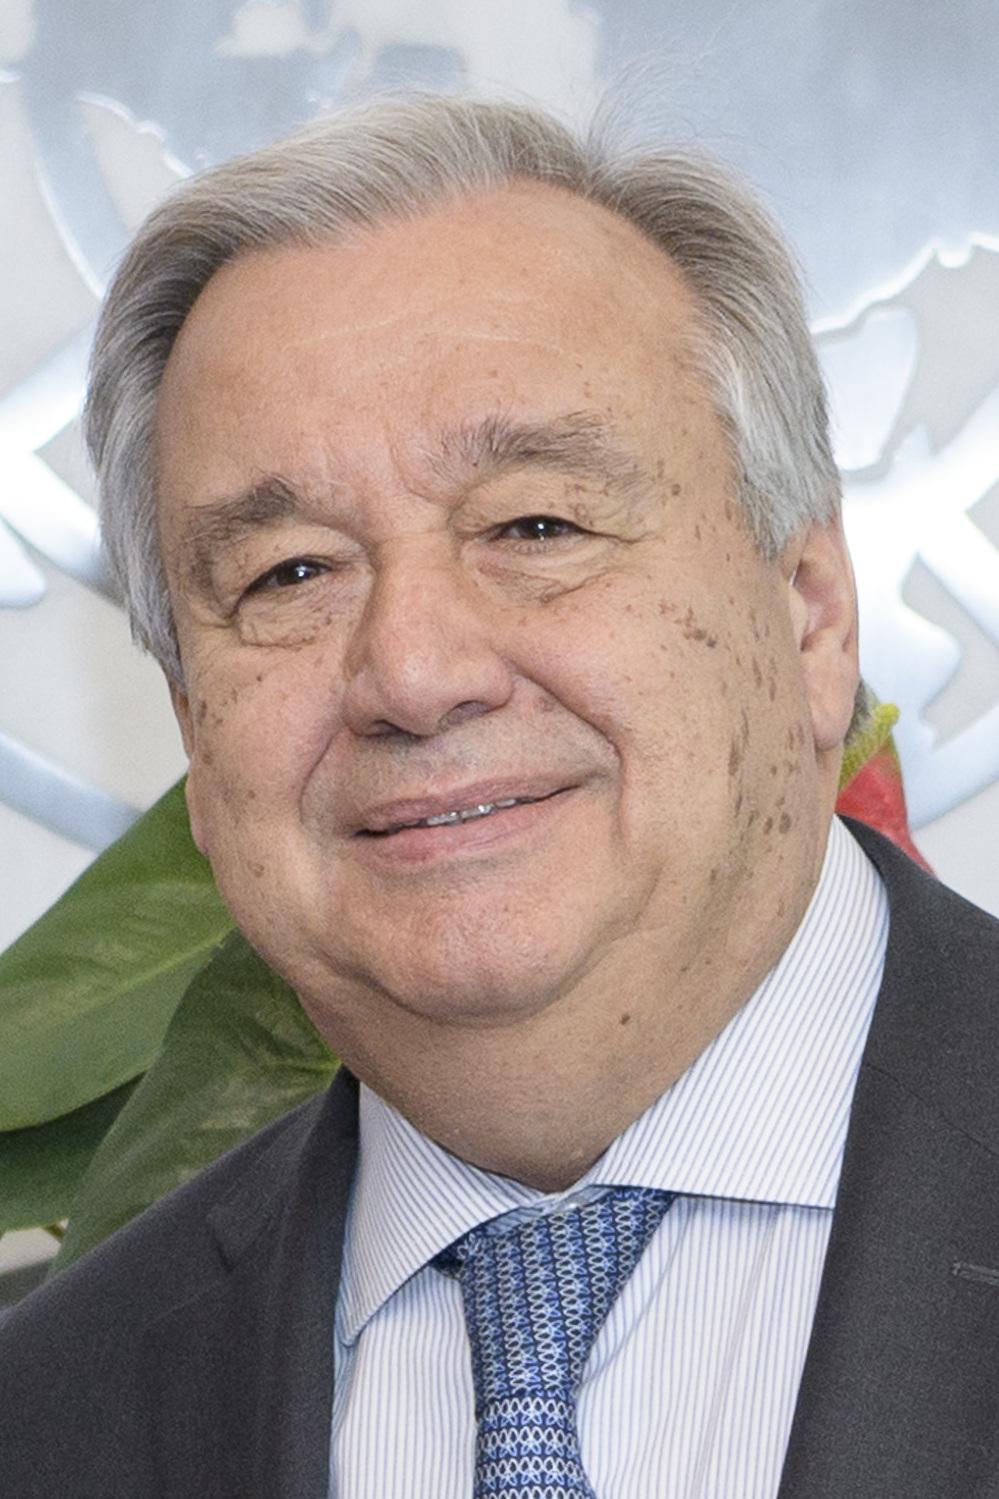 Veja o que saiu no Migalhas sobre António Guterres